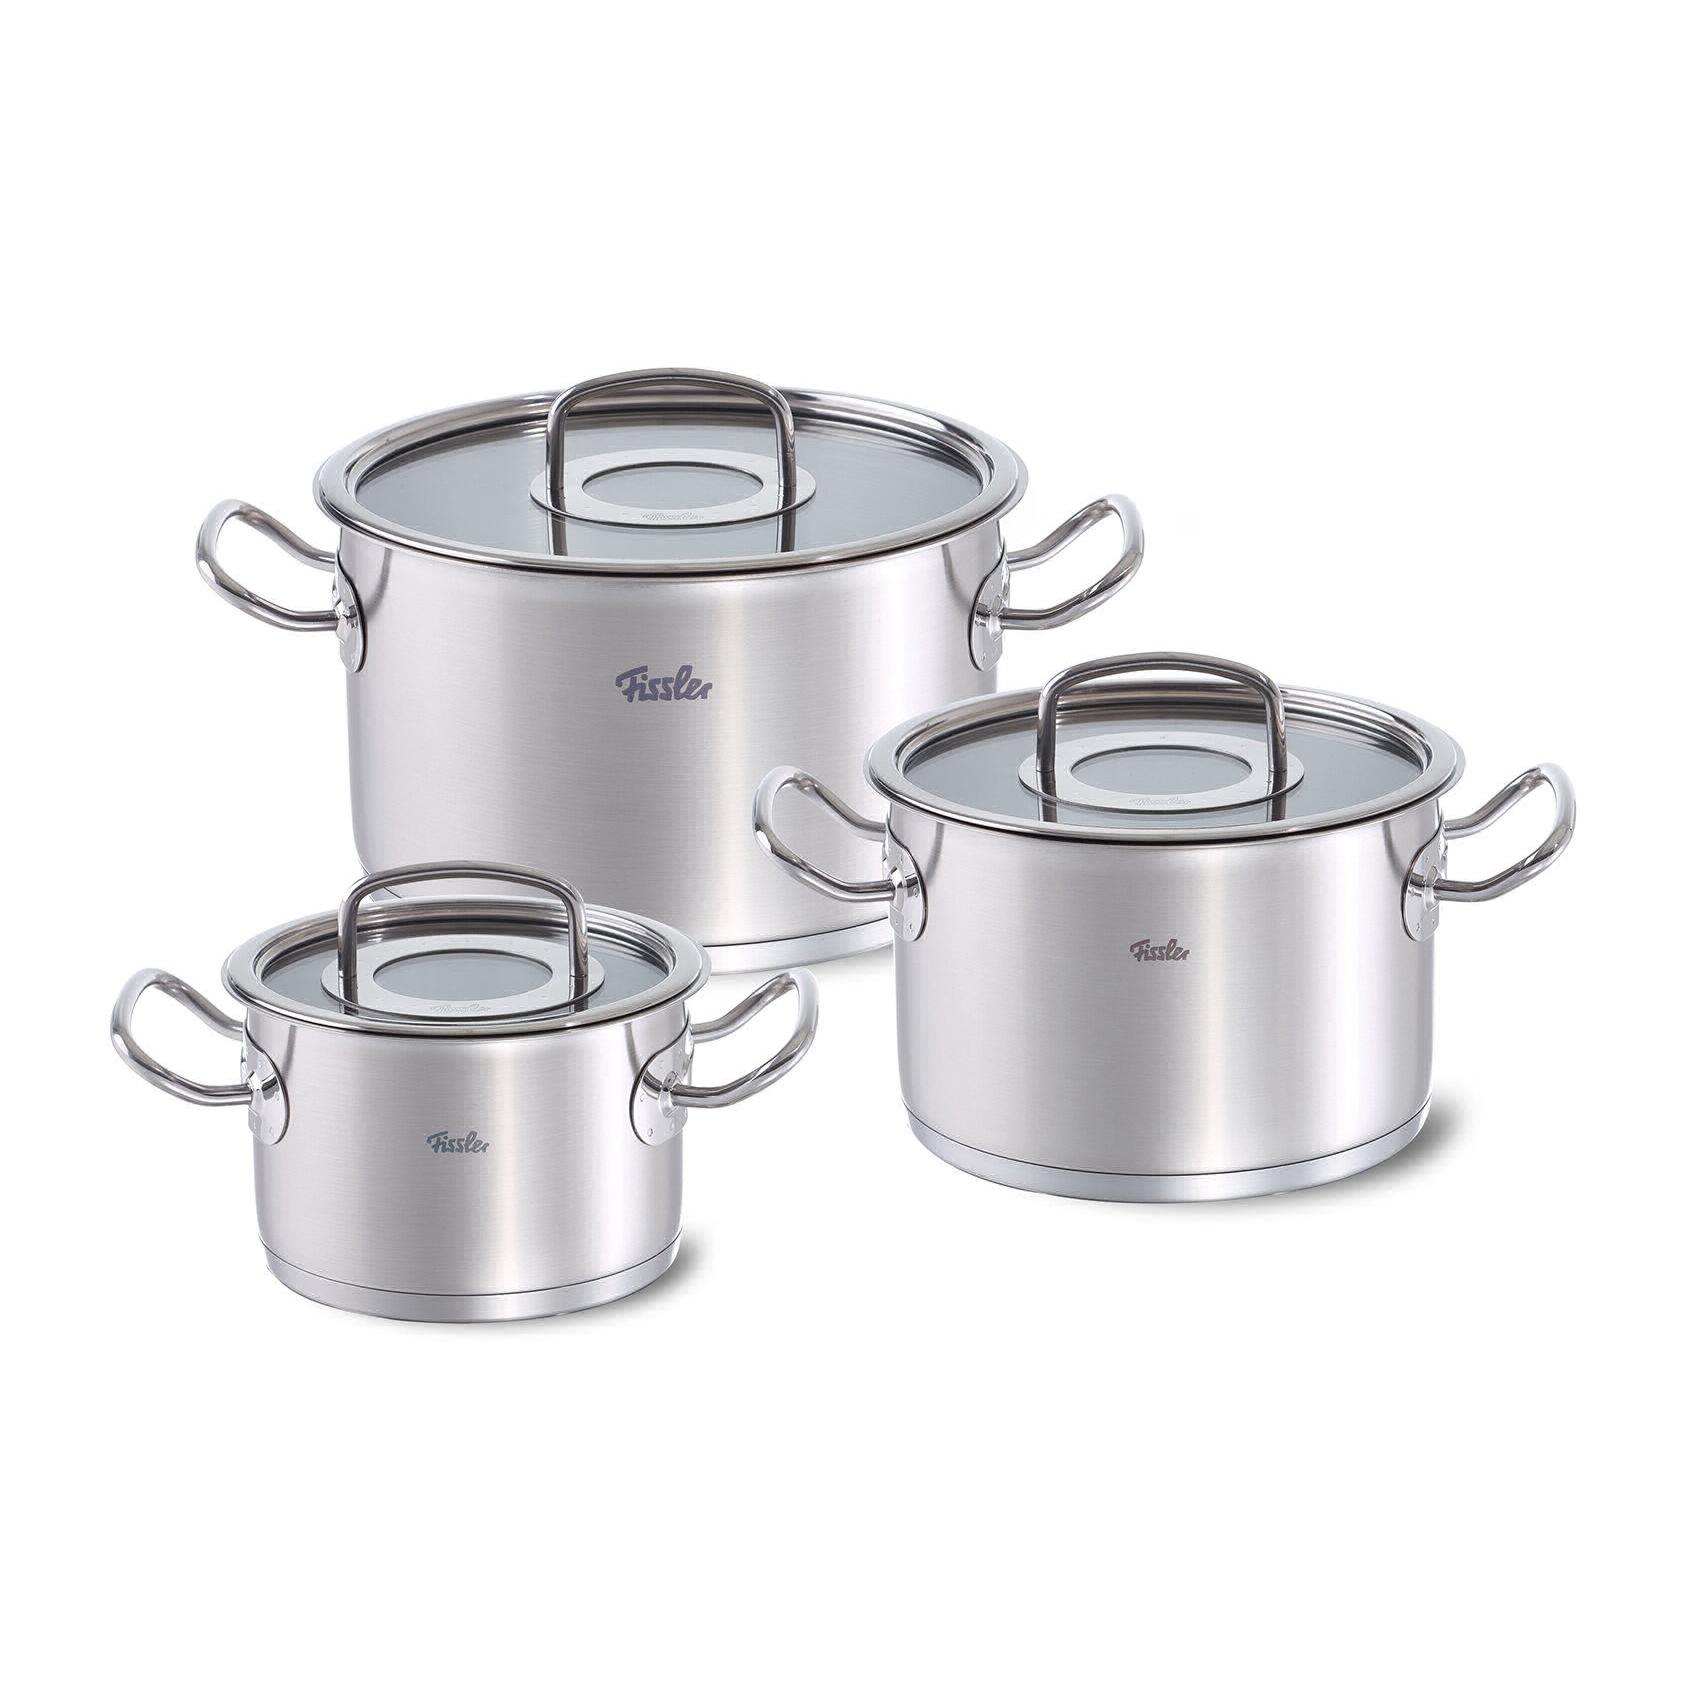 Набор посуды Fissler Original Pro 6 предметов 2/4/6,3 л